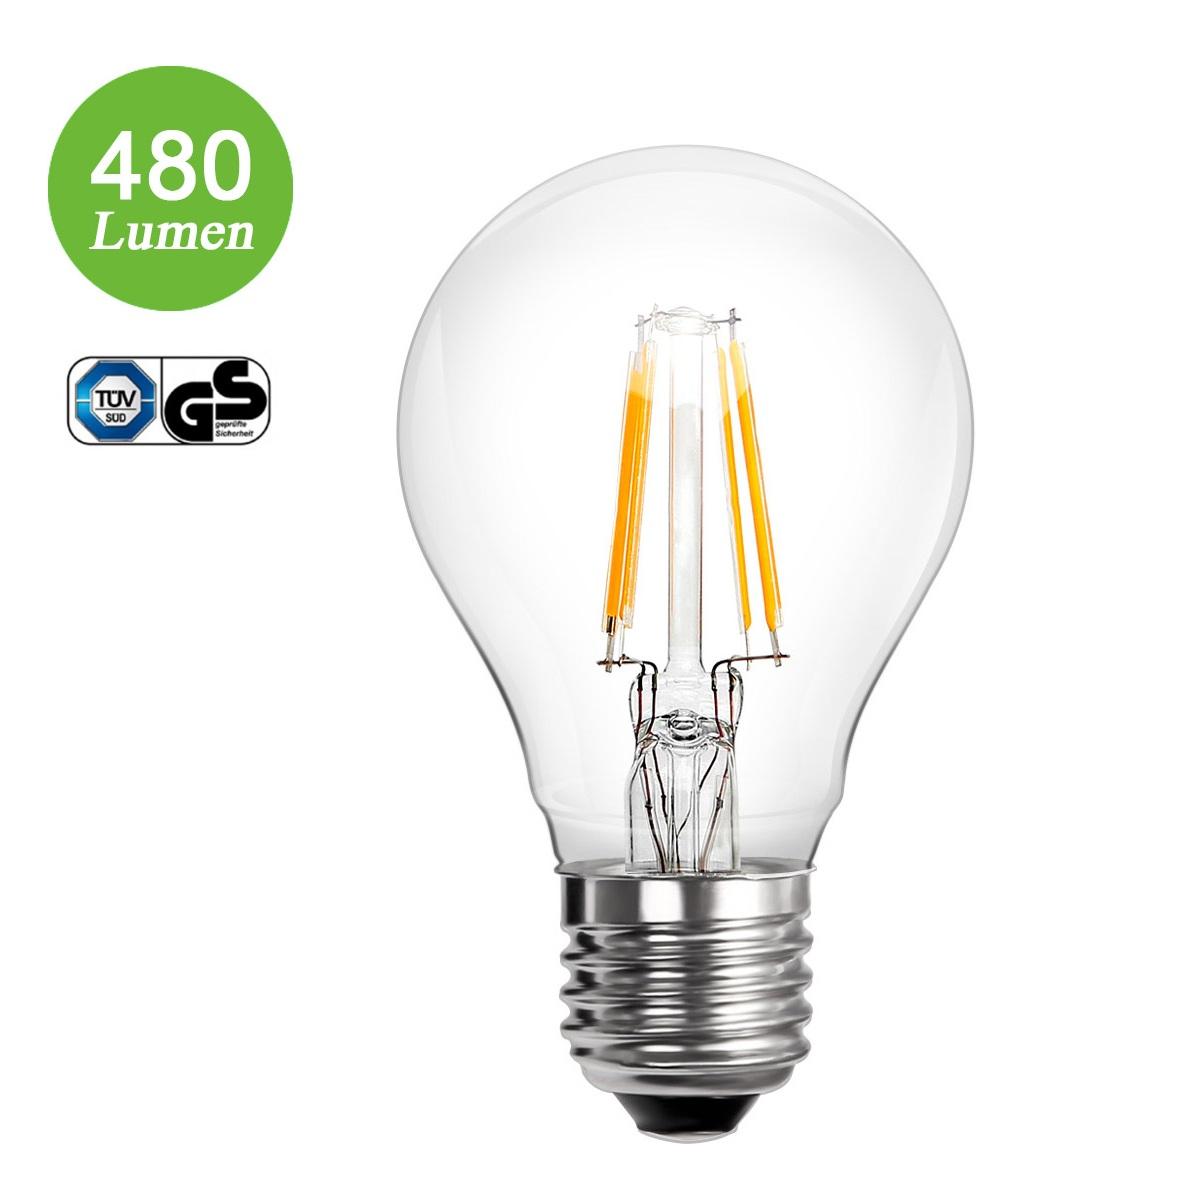 4W A60 LED Glühfaden Birnen, 360° Strahler, Ersatz für 40W Glühlampe, Warmweiß